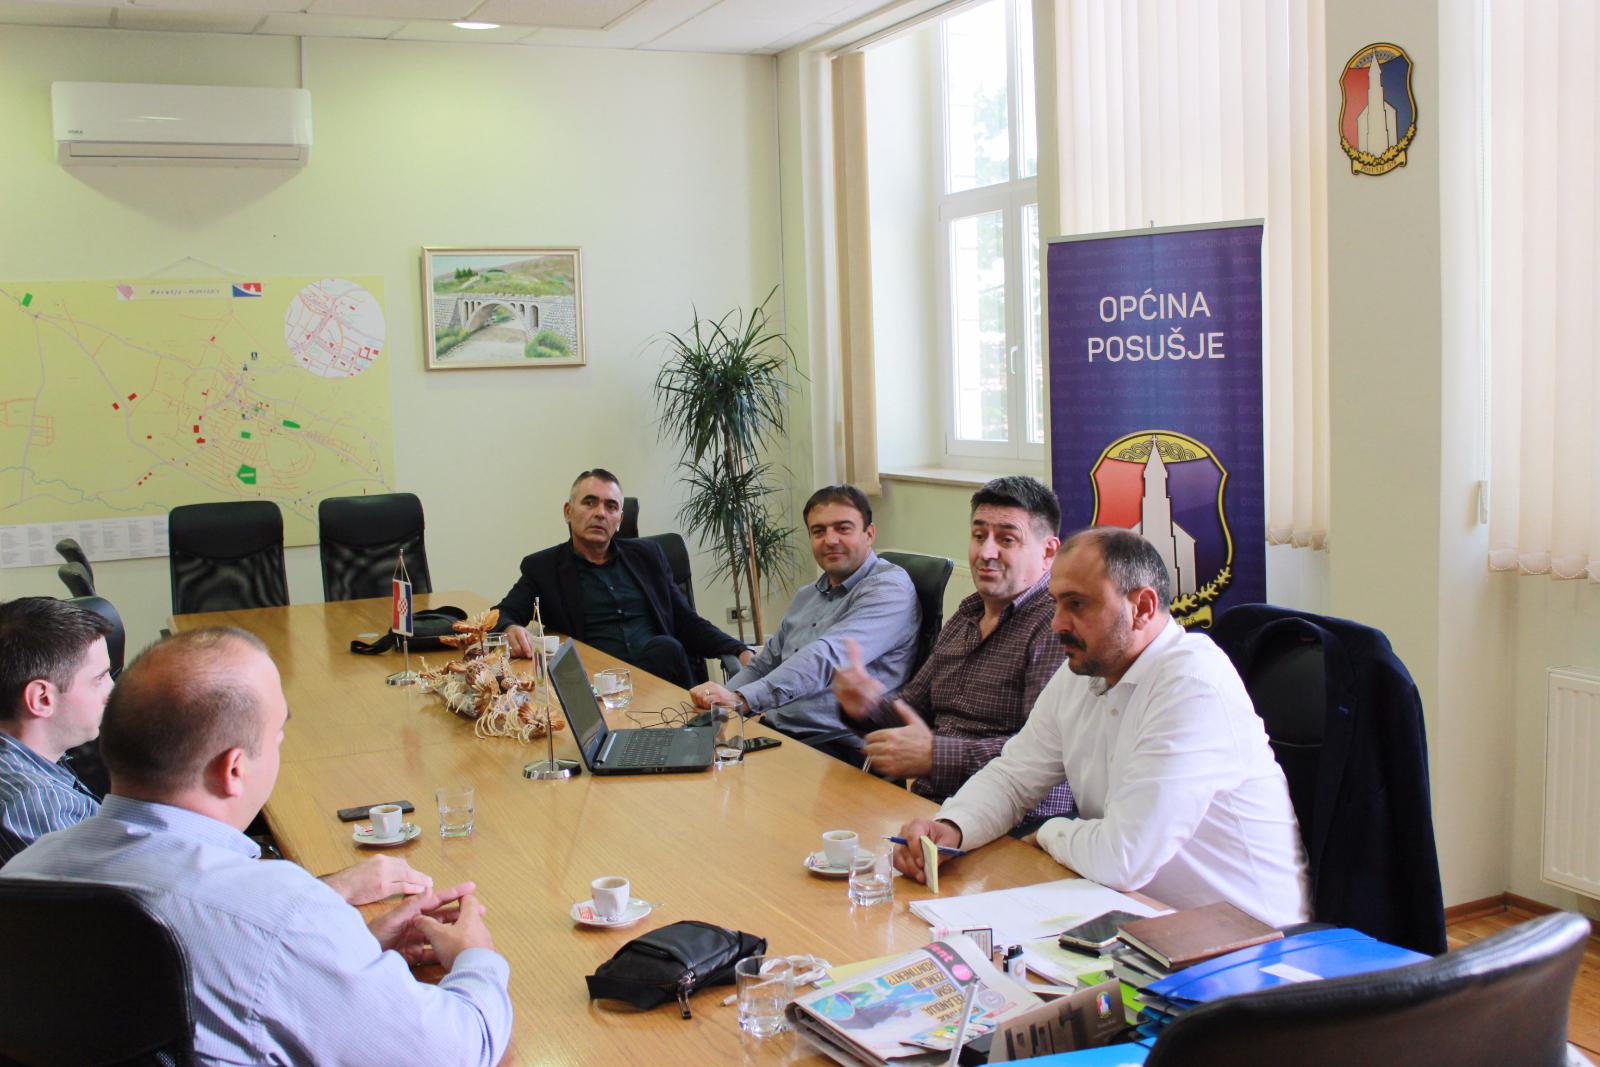 Sastanak Općina Posušje-Bluesun Hotels: Mogućnosti za nova zapošljavanja Posušana u ugostiteljstvu i turizmu!